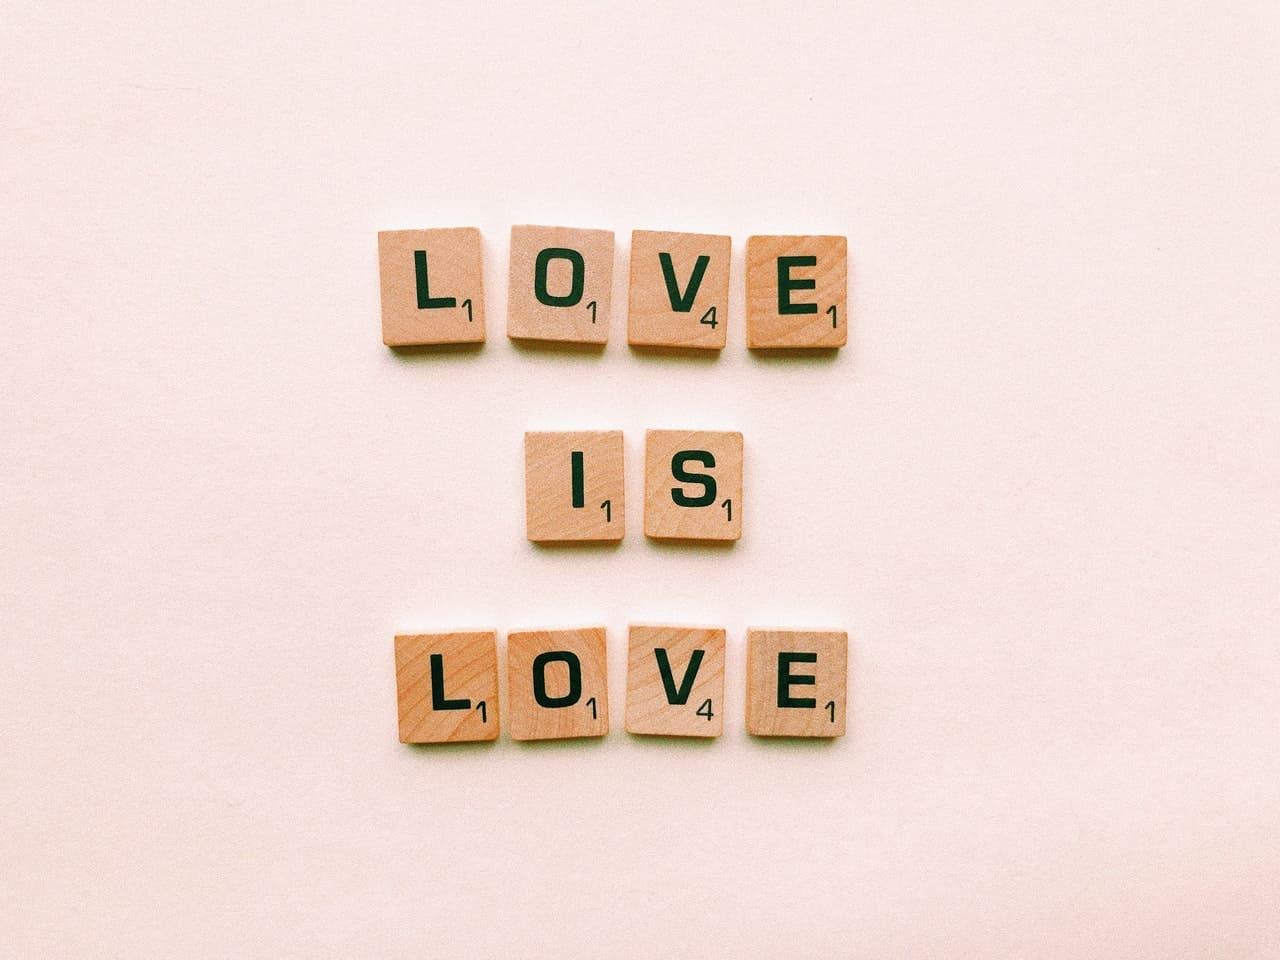 Vie amoureuse : Votre karma de la vie passée gâche-t-il vos relations ?